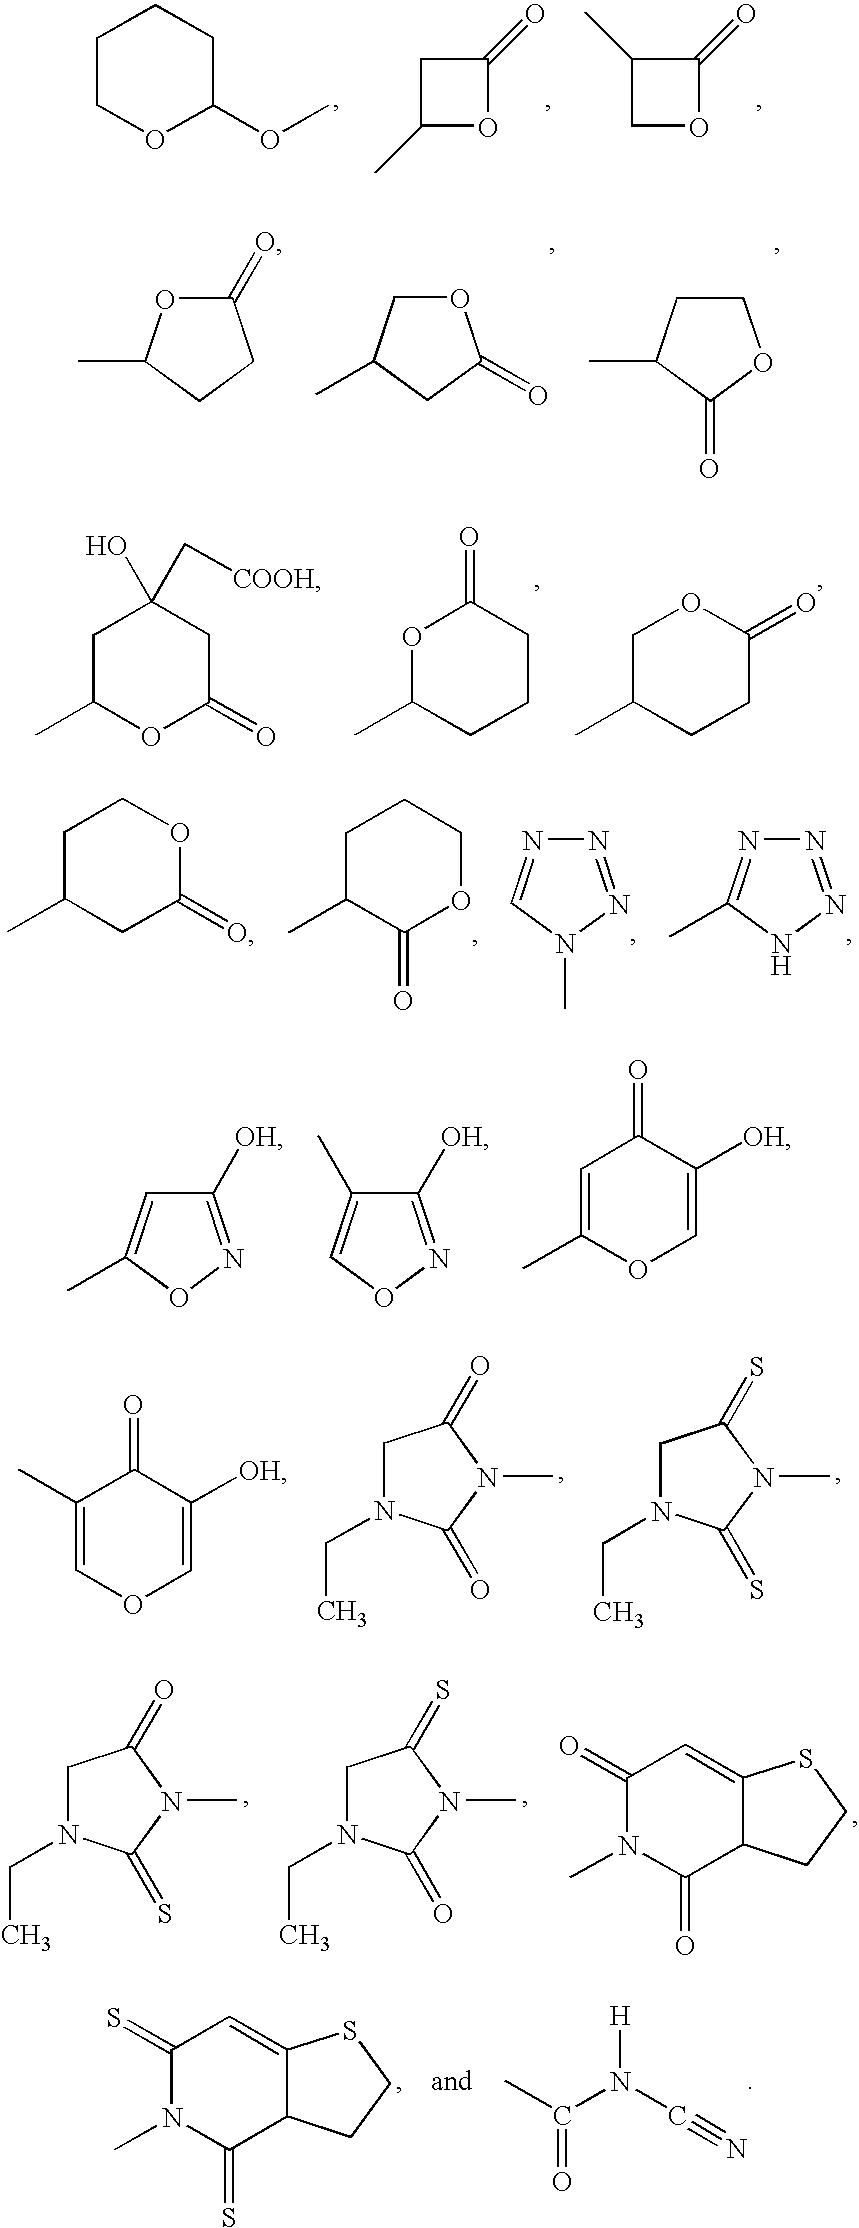 Figure US07192940-20070320-C00003